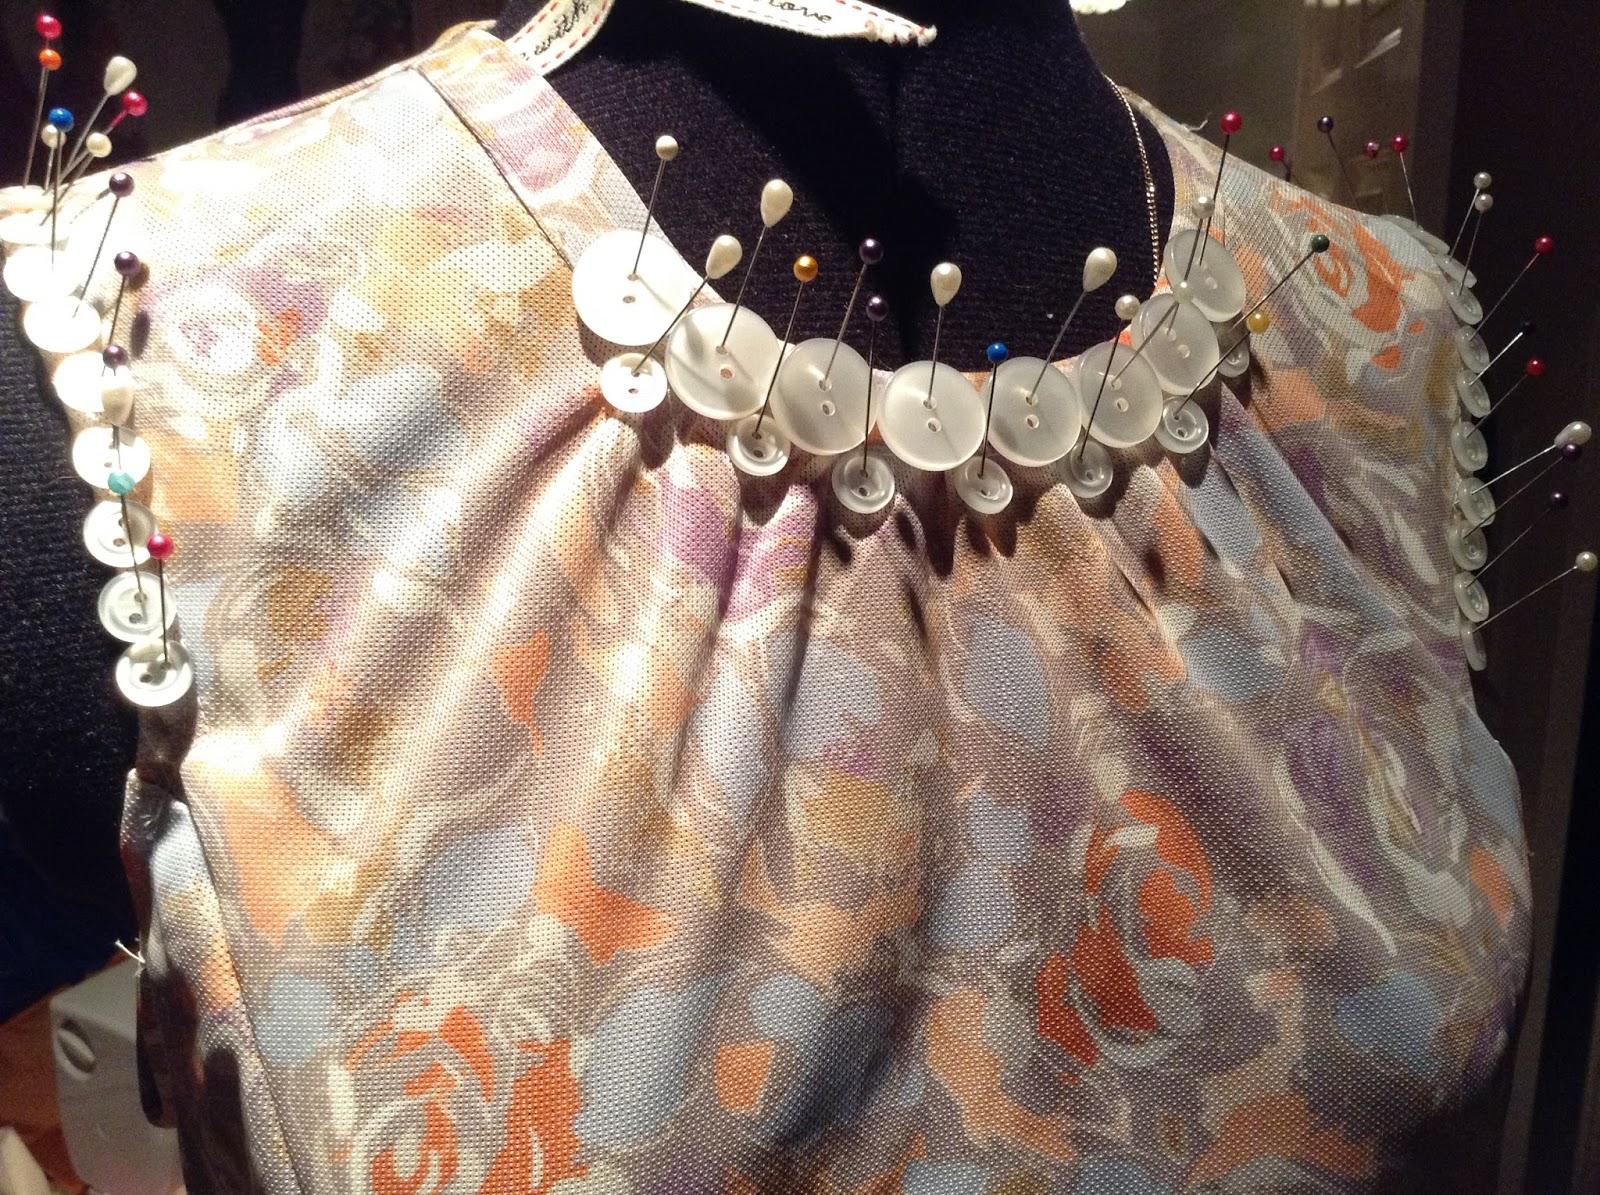 Modern dressmaker buttons - Hellraiser Meets Dressmaker I Had A Sleepless Night After This Experimentation